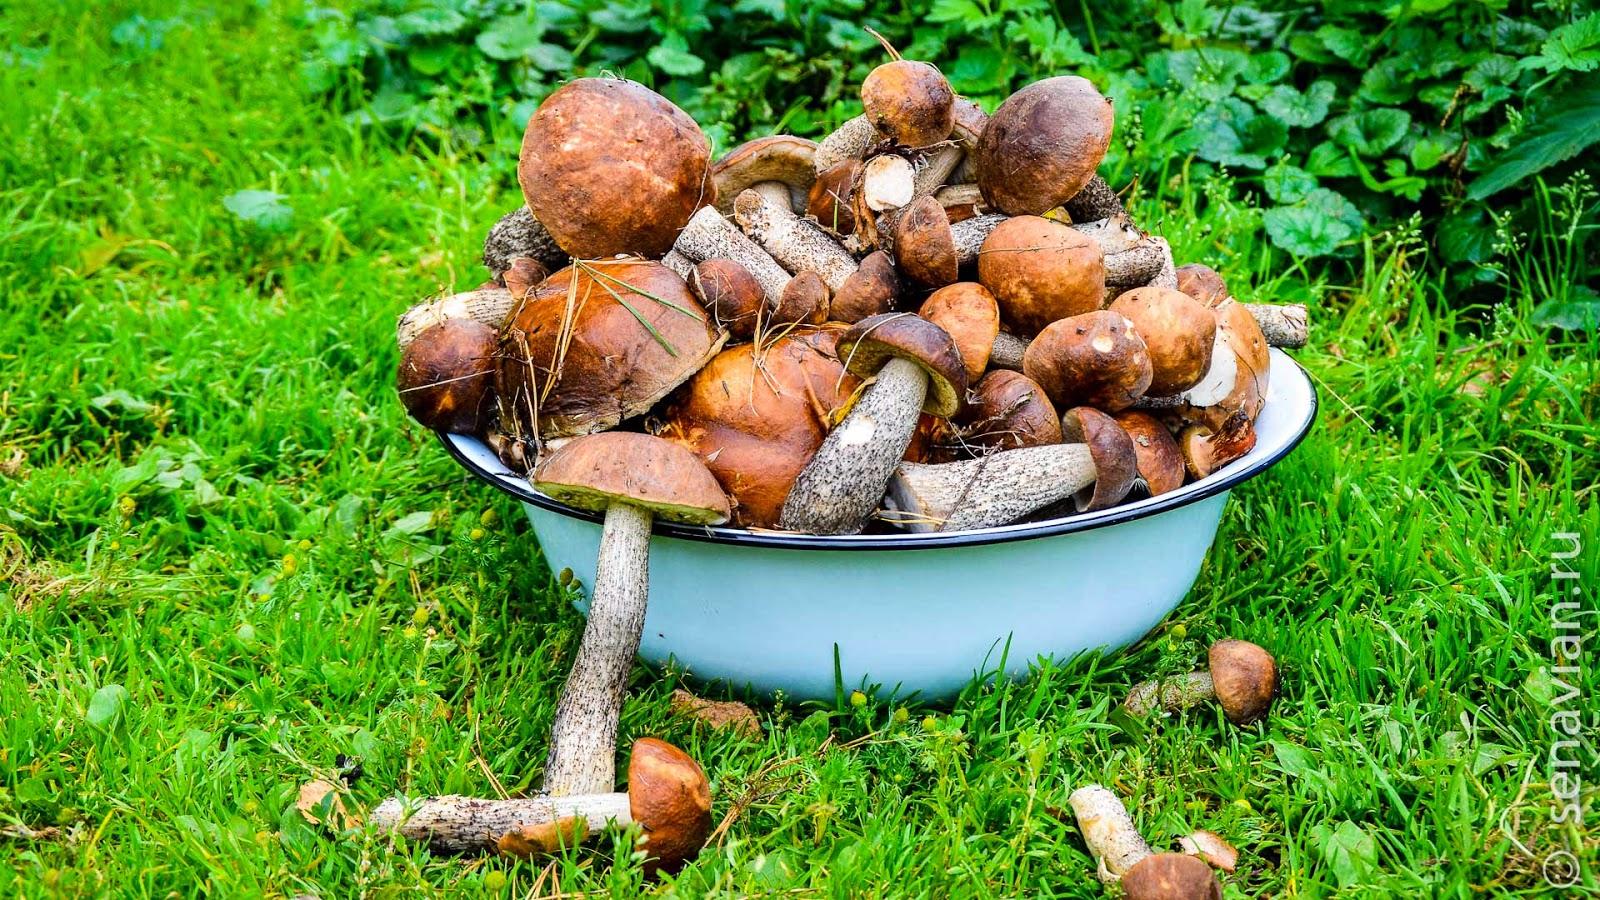 Отдых в деревне в Тверской области, походы за грибами.